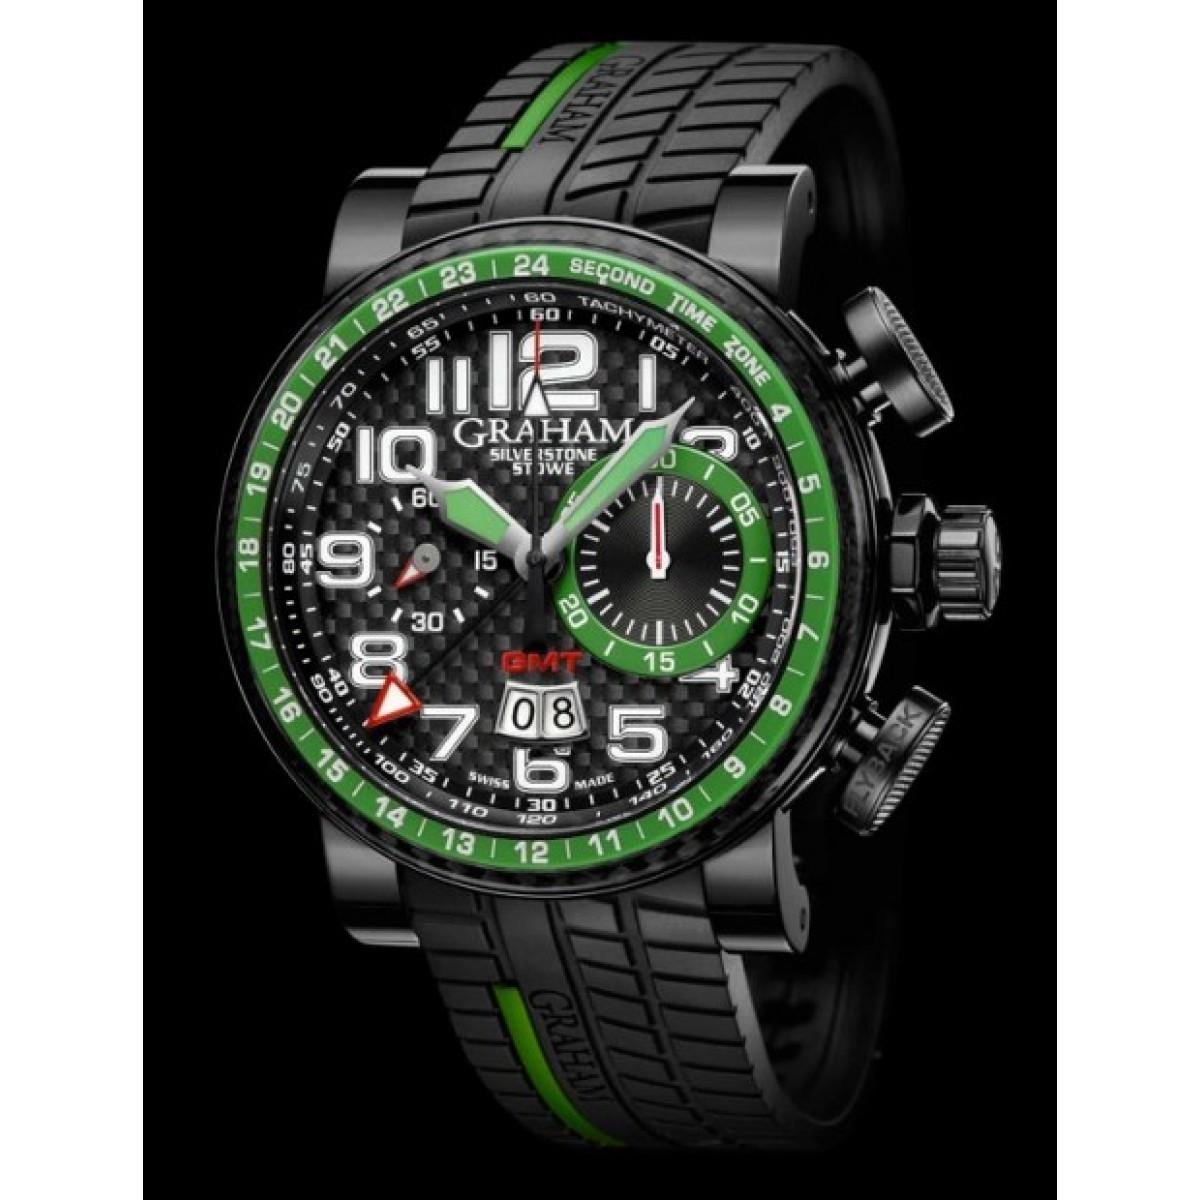 0cccfcdd6a4 Relógio Réplica Graham Silverstone Green